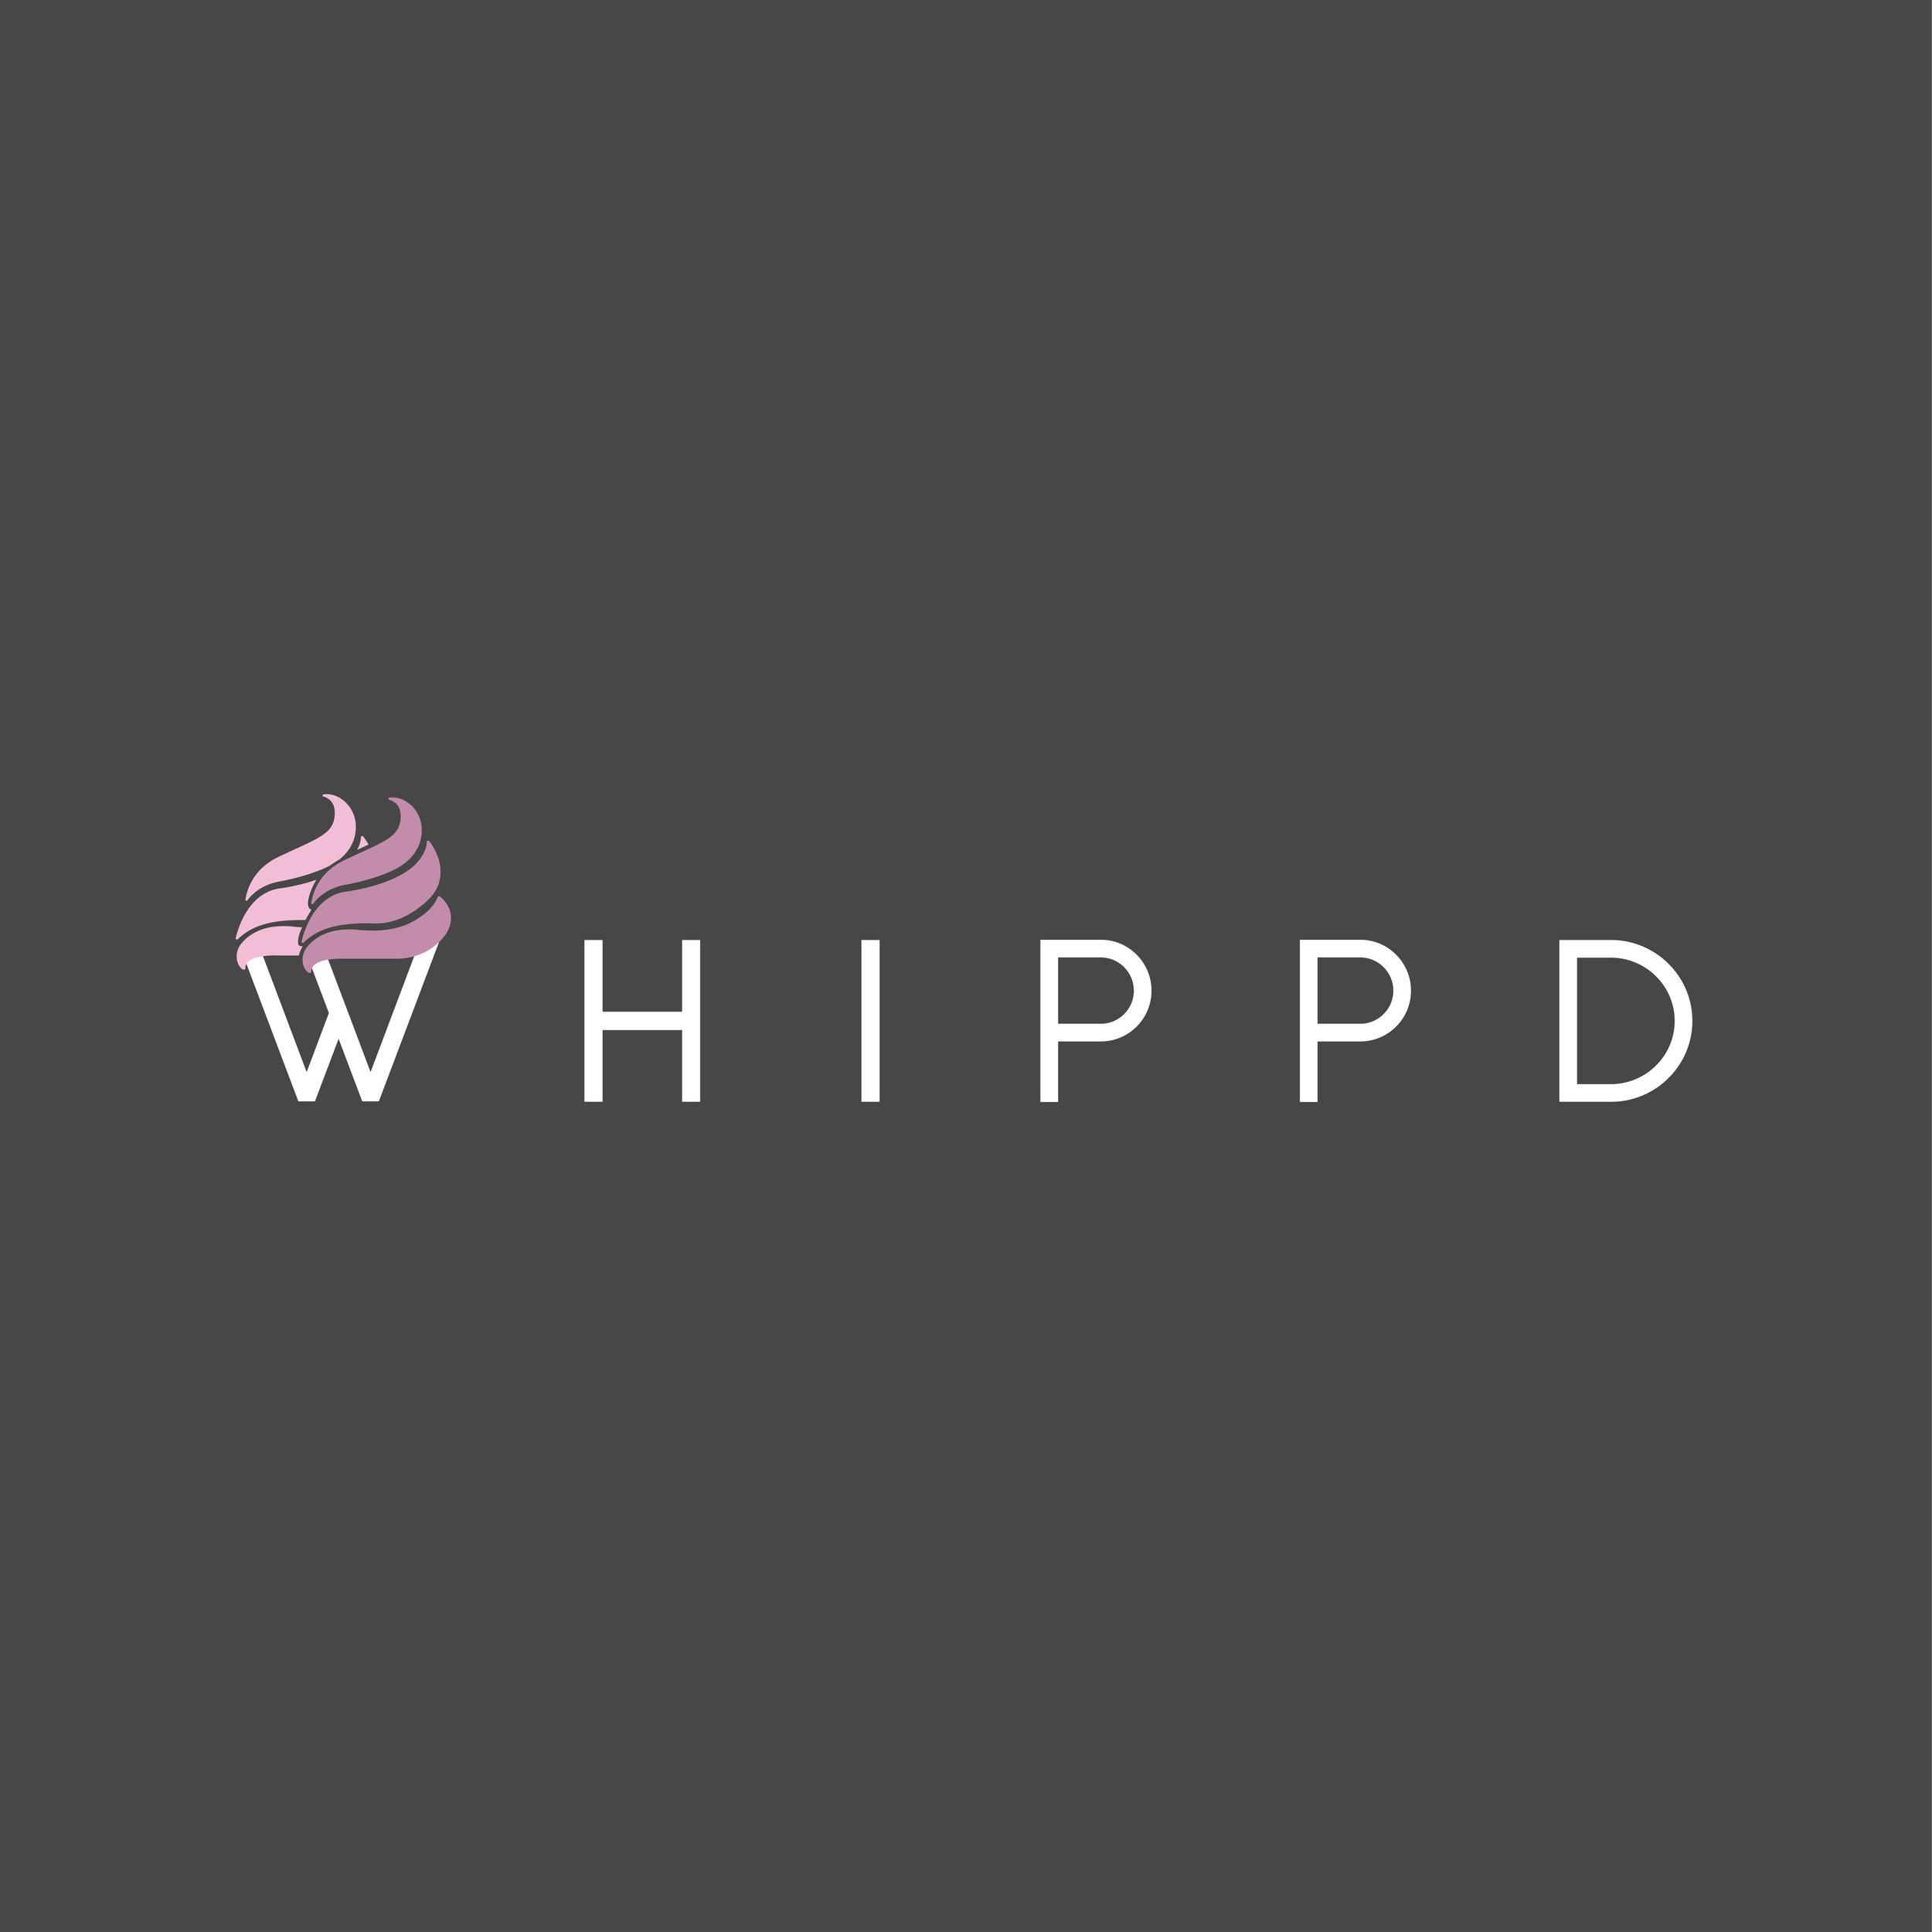 Whippd